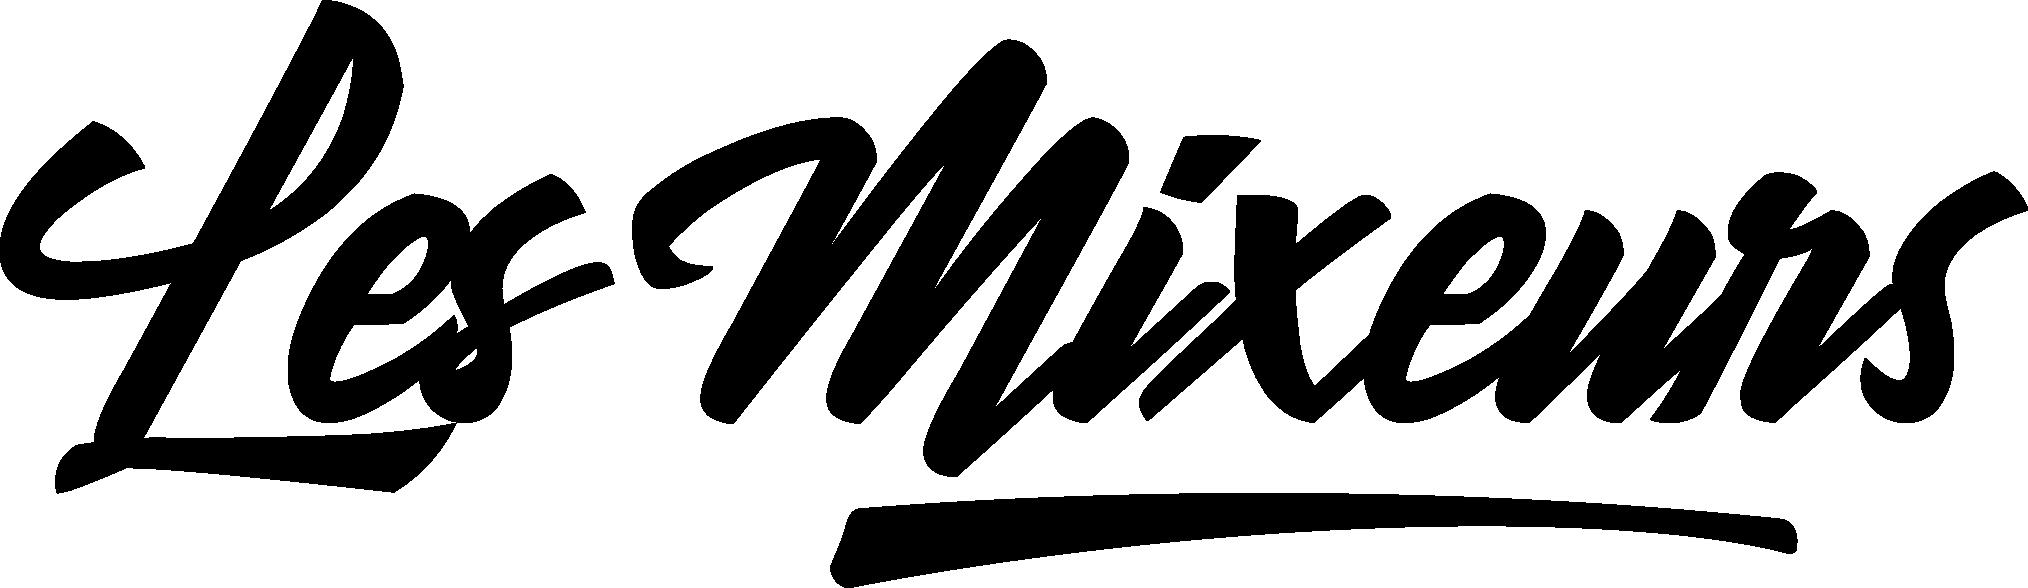 https://cdn2.szigetfestival.com/ca9s5s/f851/fr/media/2018/05/mixeurs-black.png